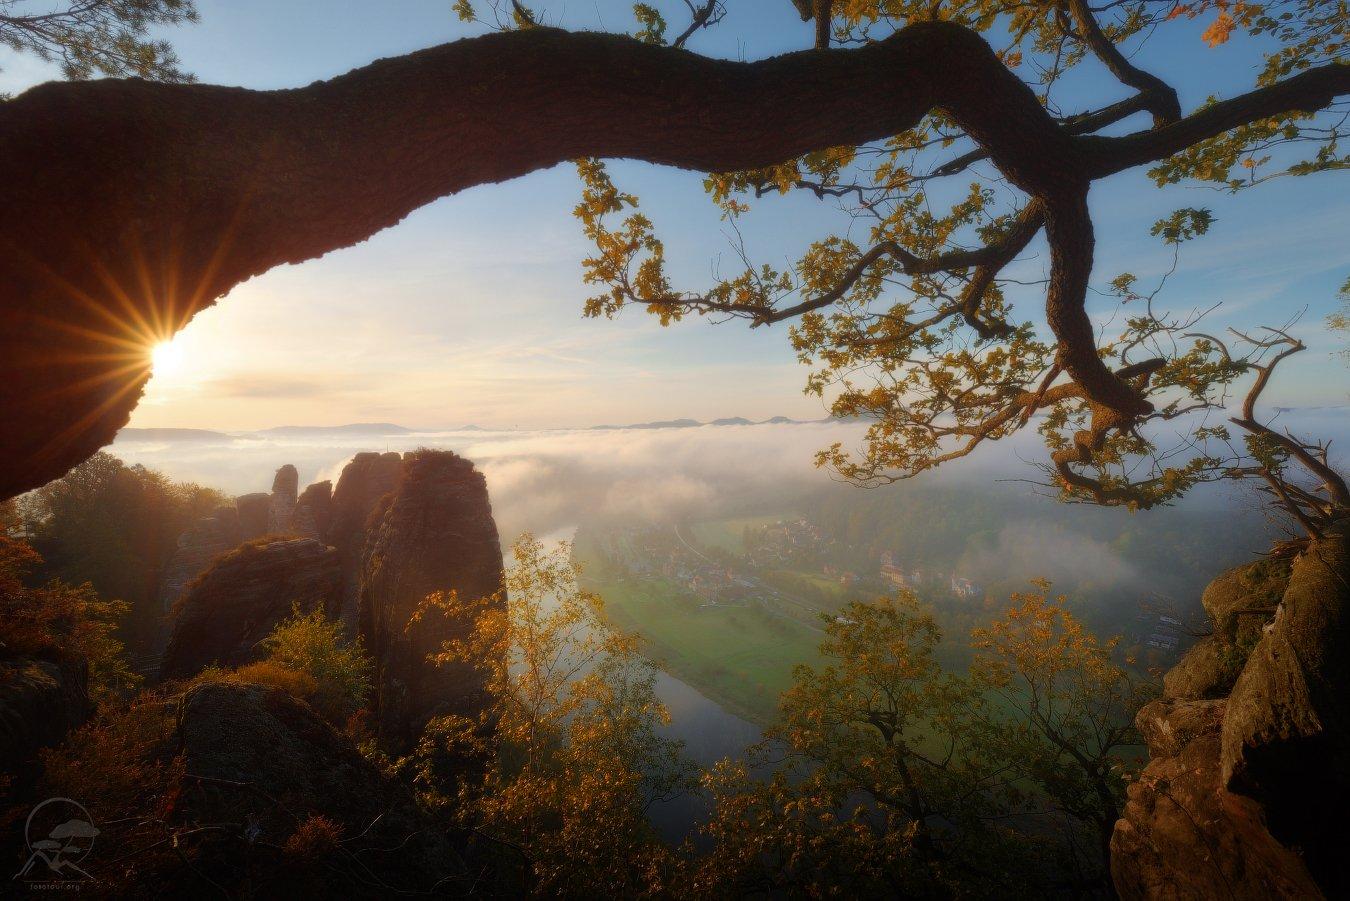 эльба, река, утро, пейзаж, саксония, богемия, Гордиенко Анатолий